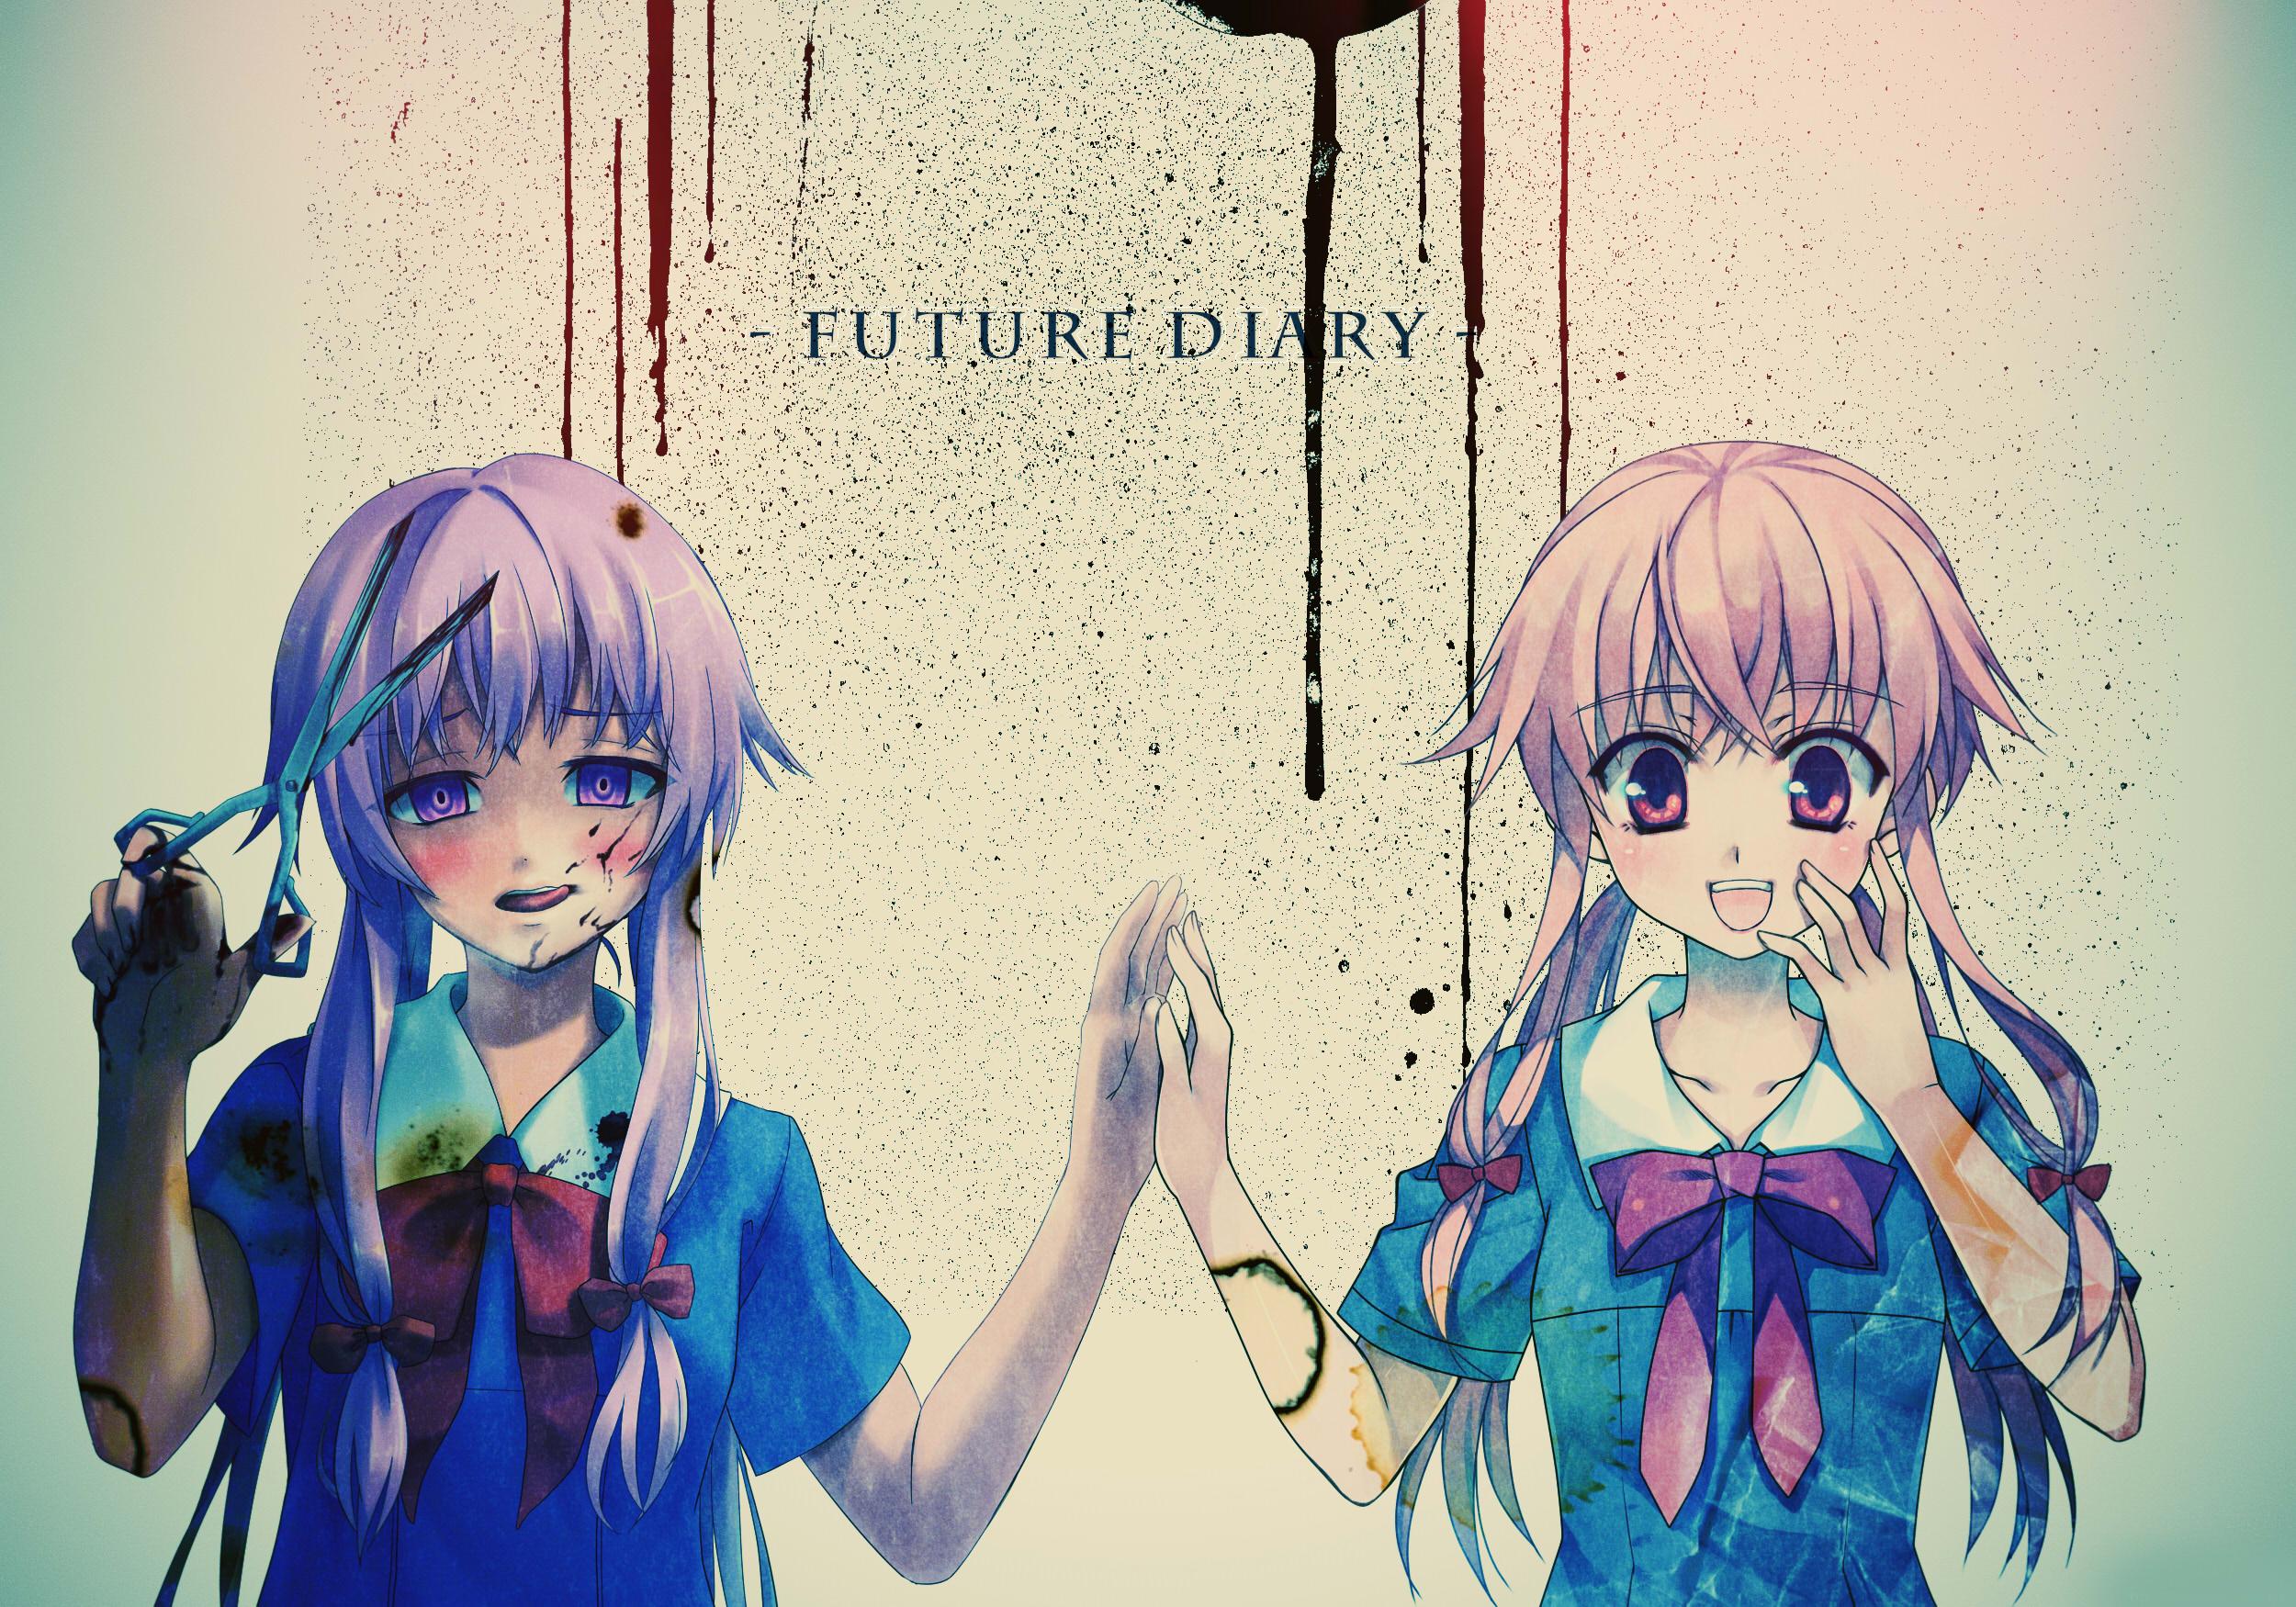 Gasai yuno iphone wallpaper tumblr - Gasai Yuno Download Gasai Yuno Image